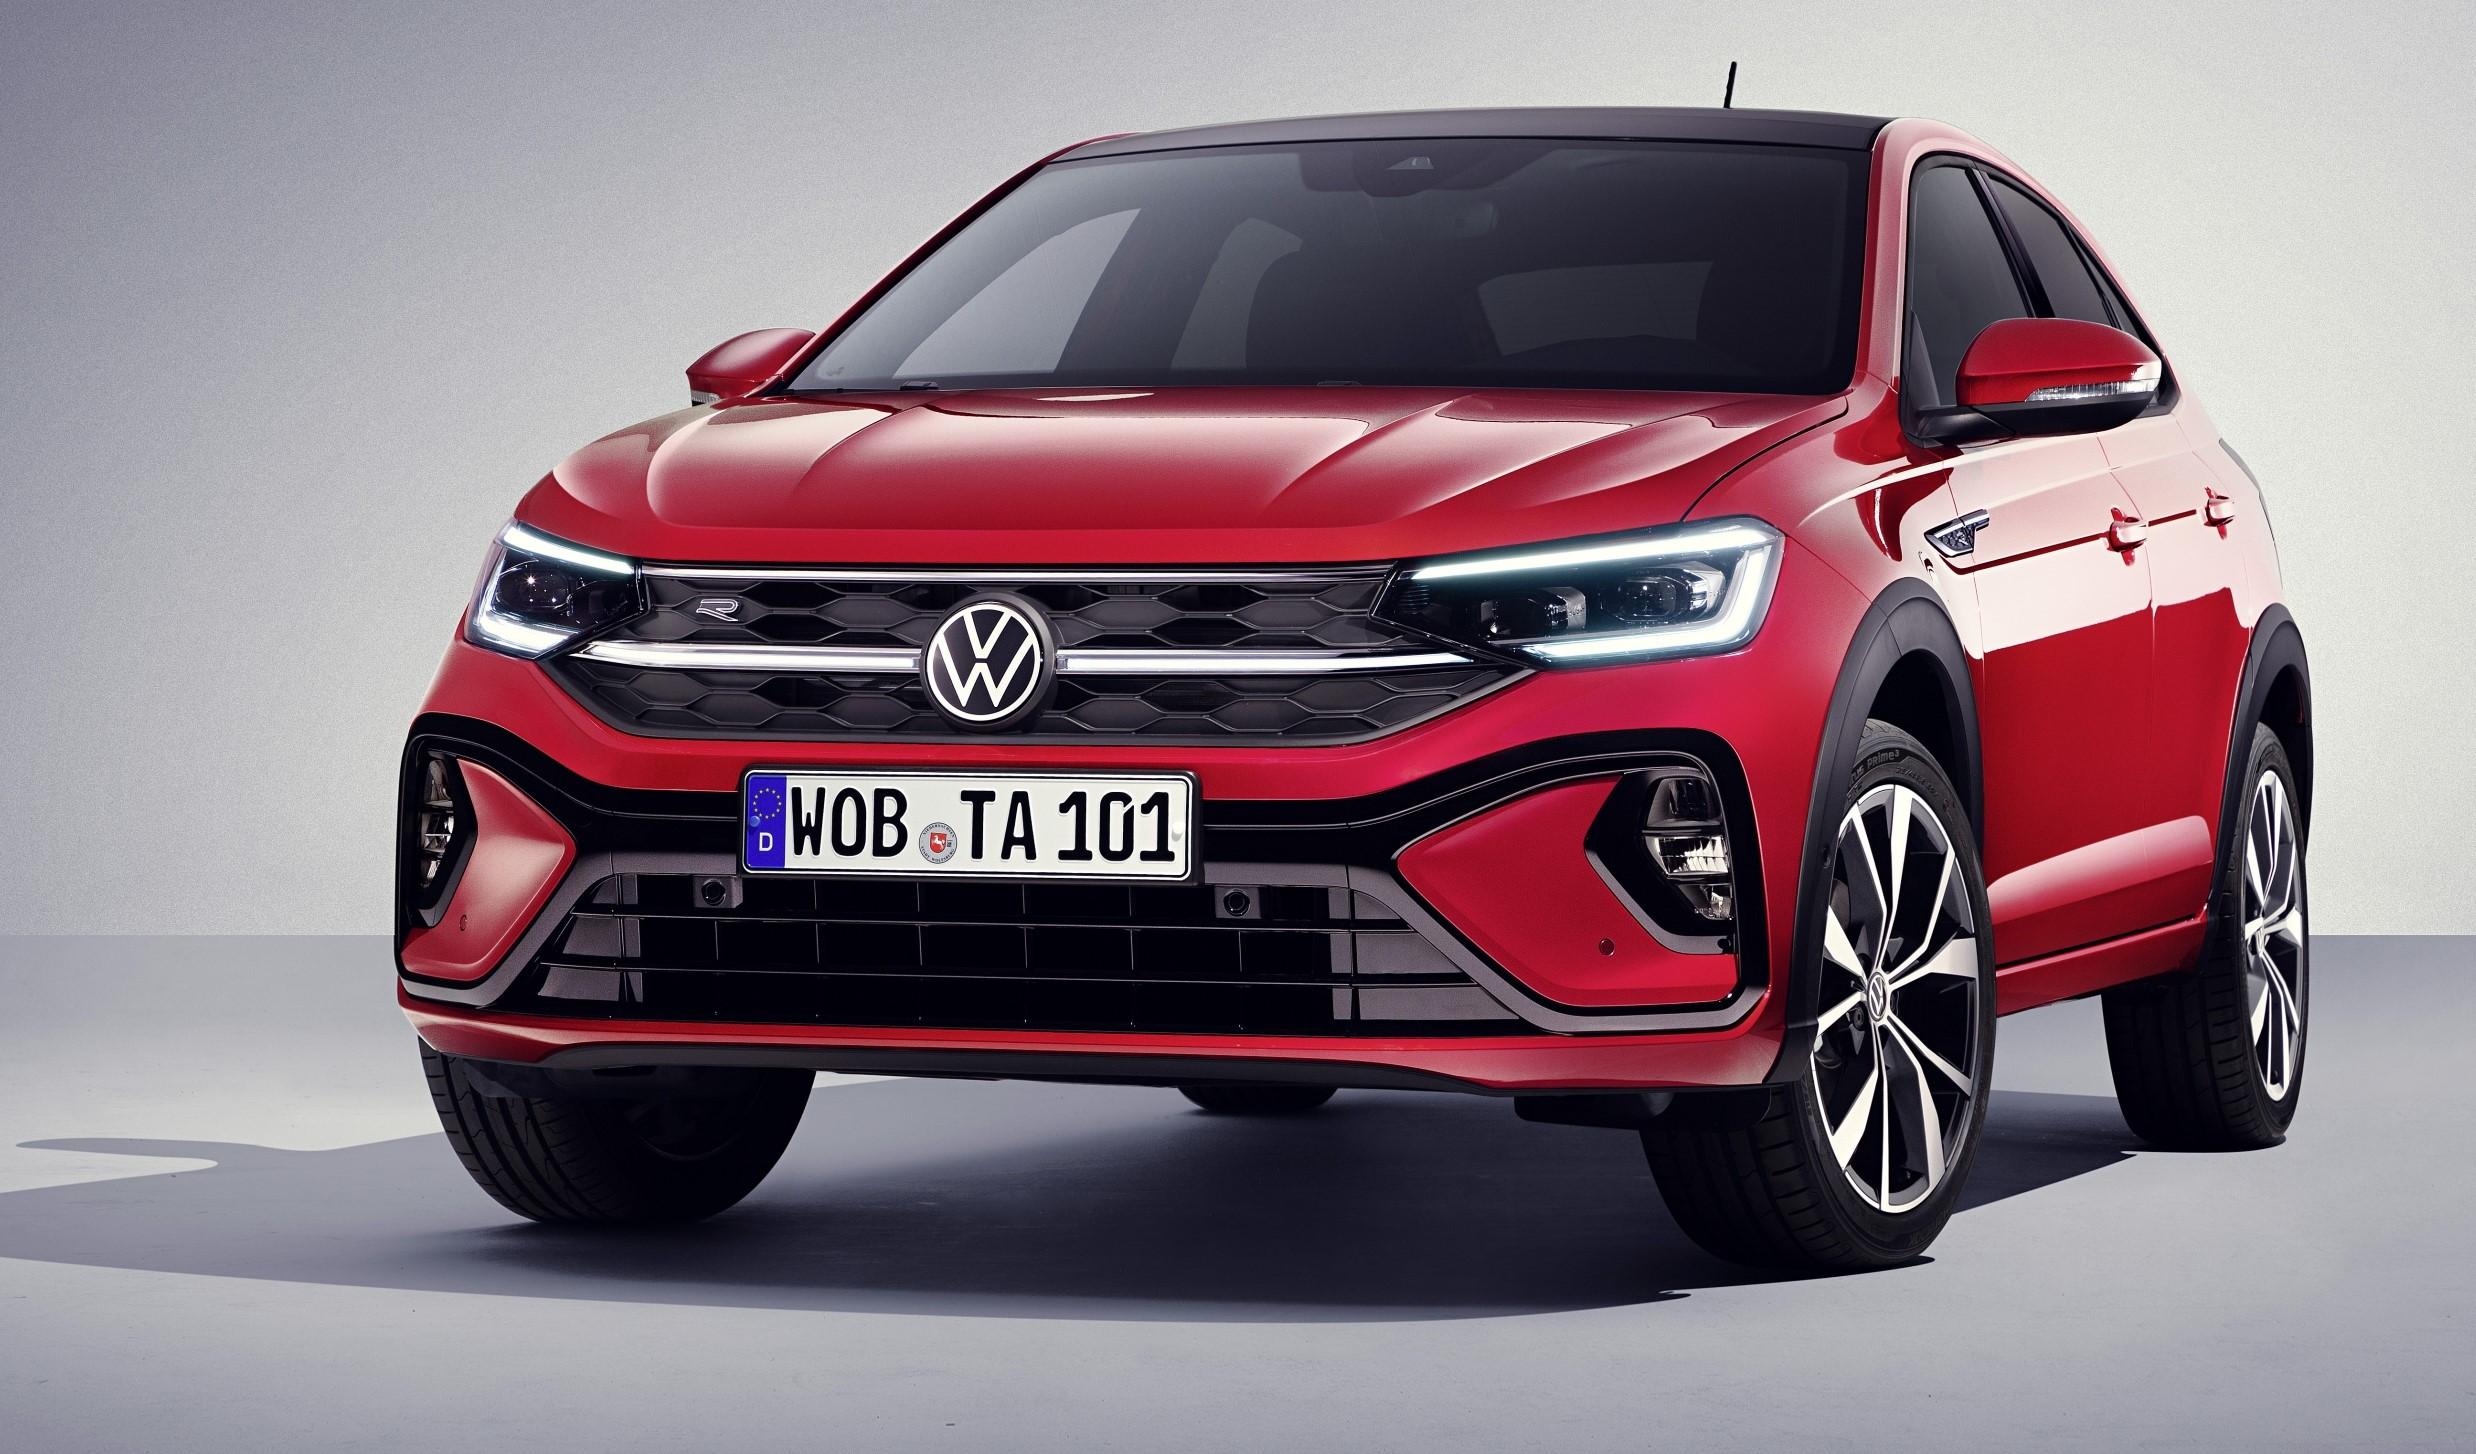 New Volkswagen Taigo gets debut